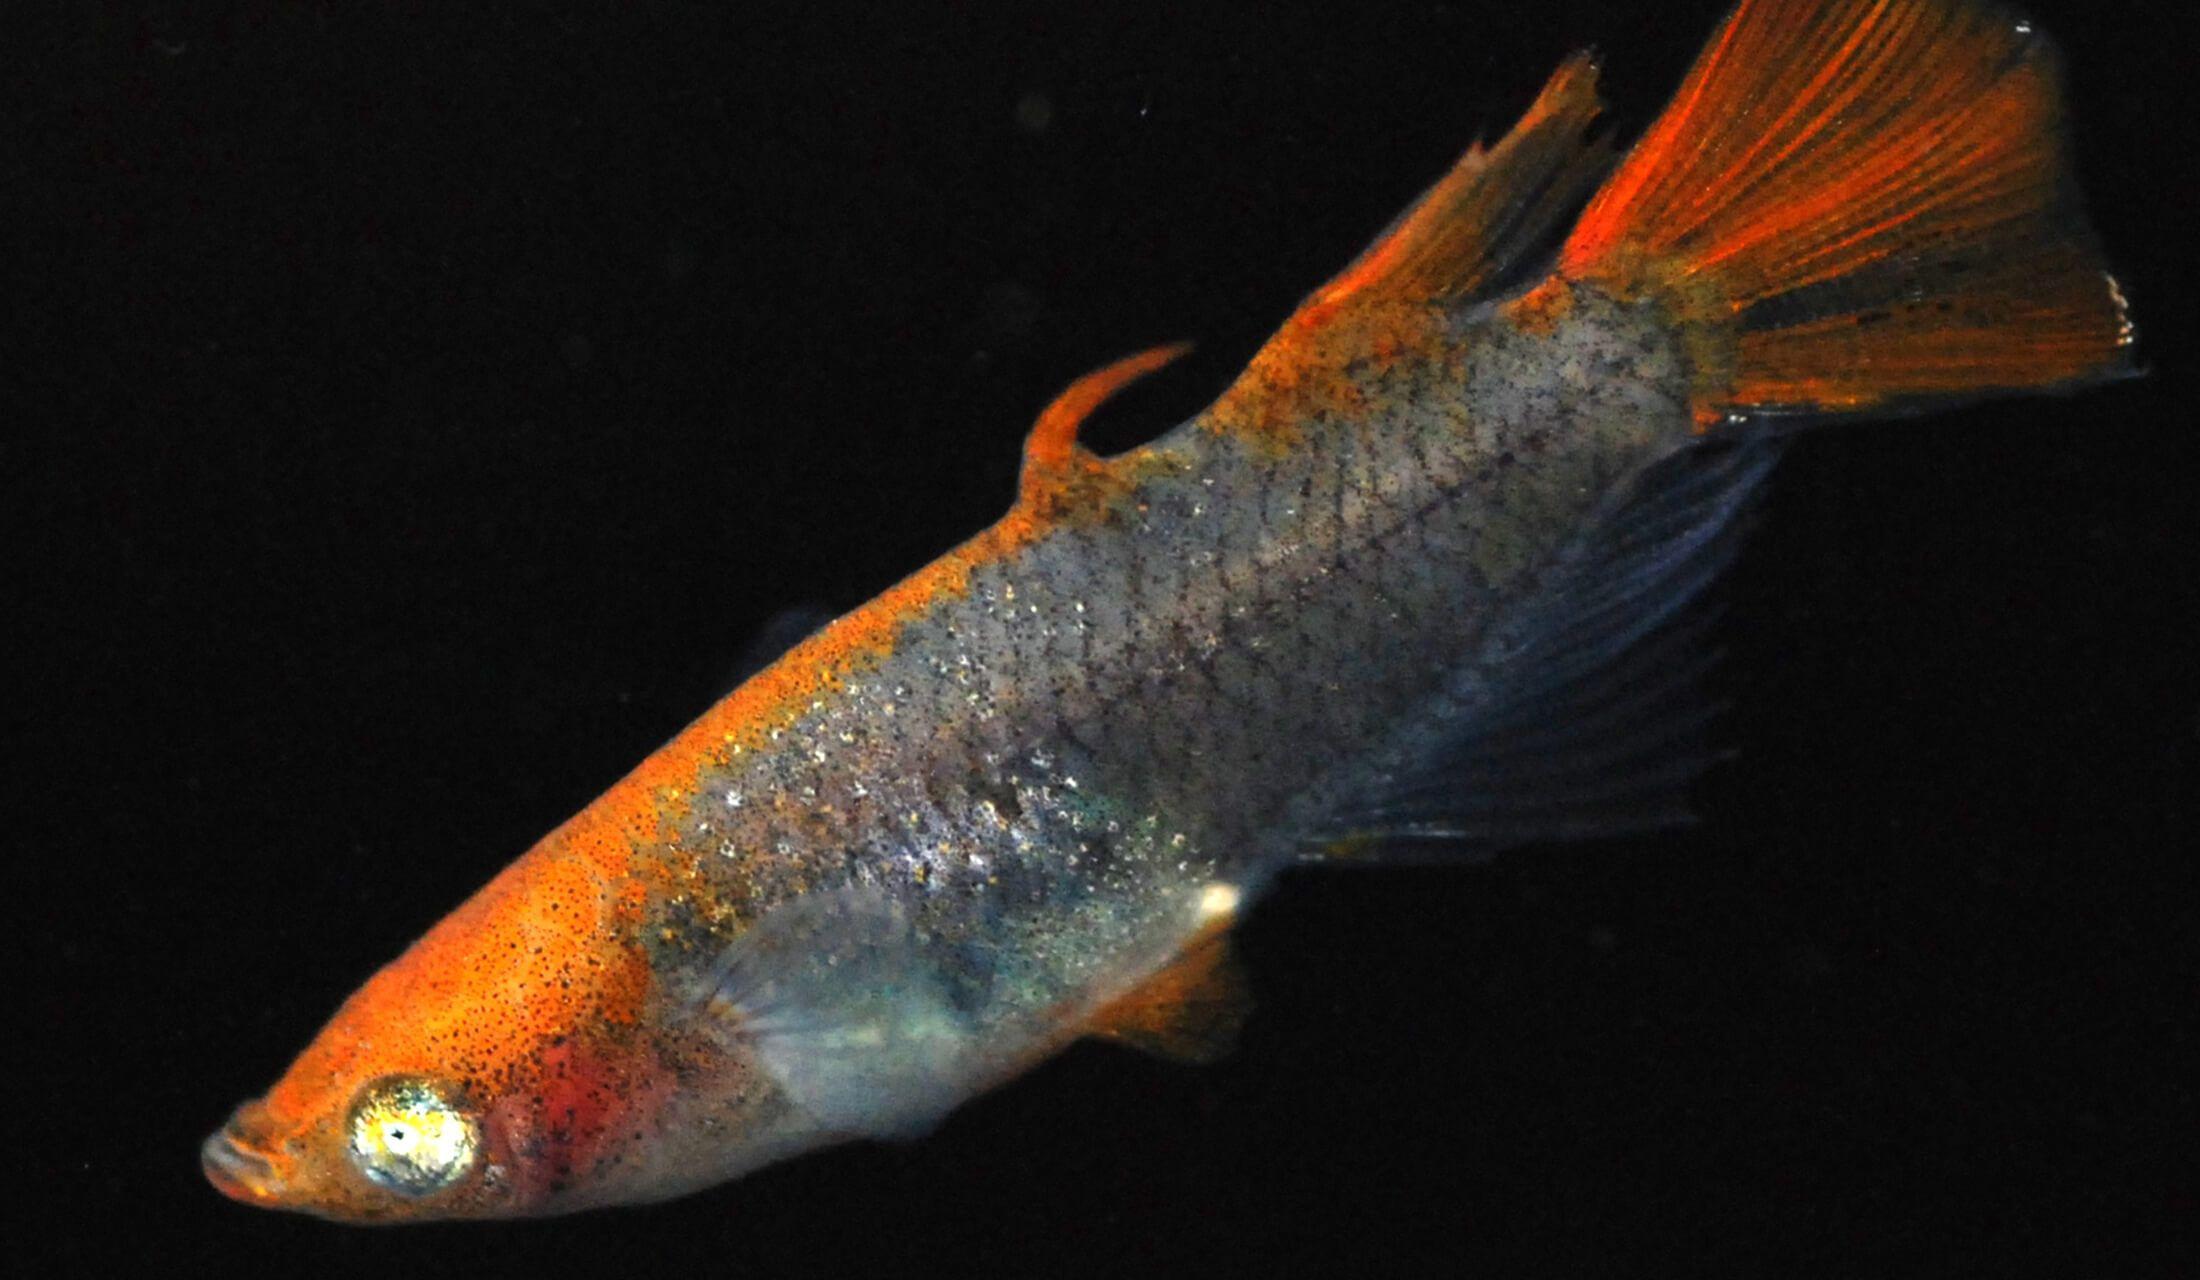 「めだかの館」で最高額がついたメダカは、2010年につくられた「琥珀透明鱗スモールアイサムライメダカ」という品種。